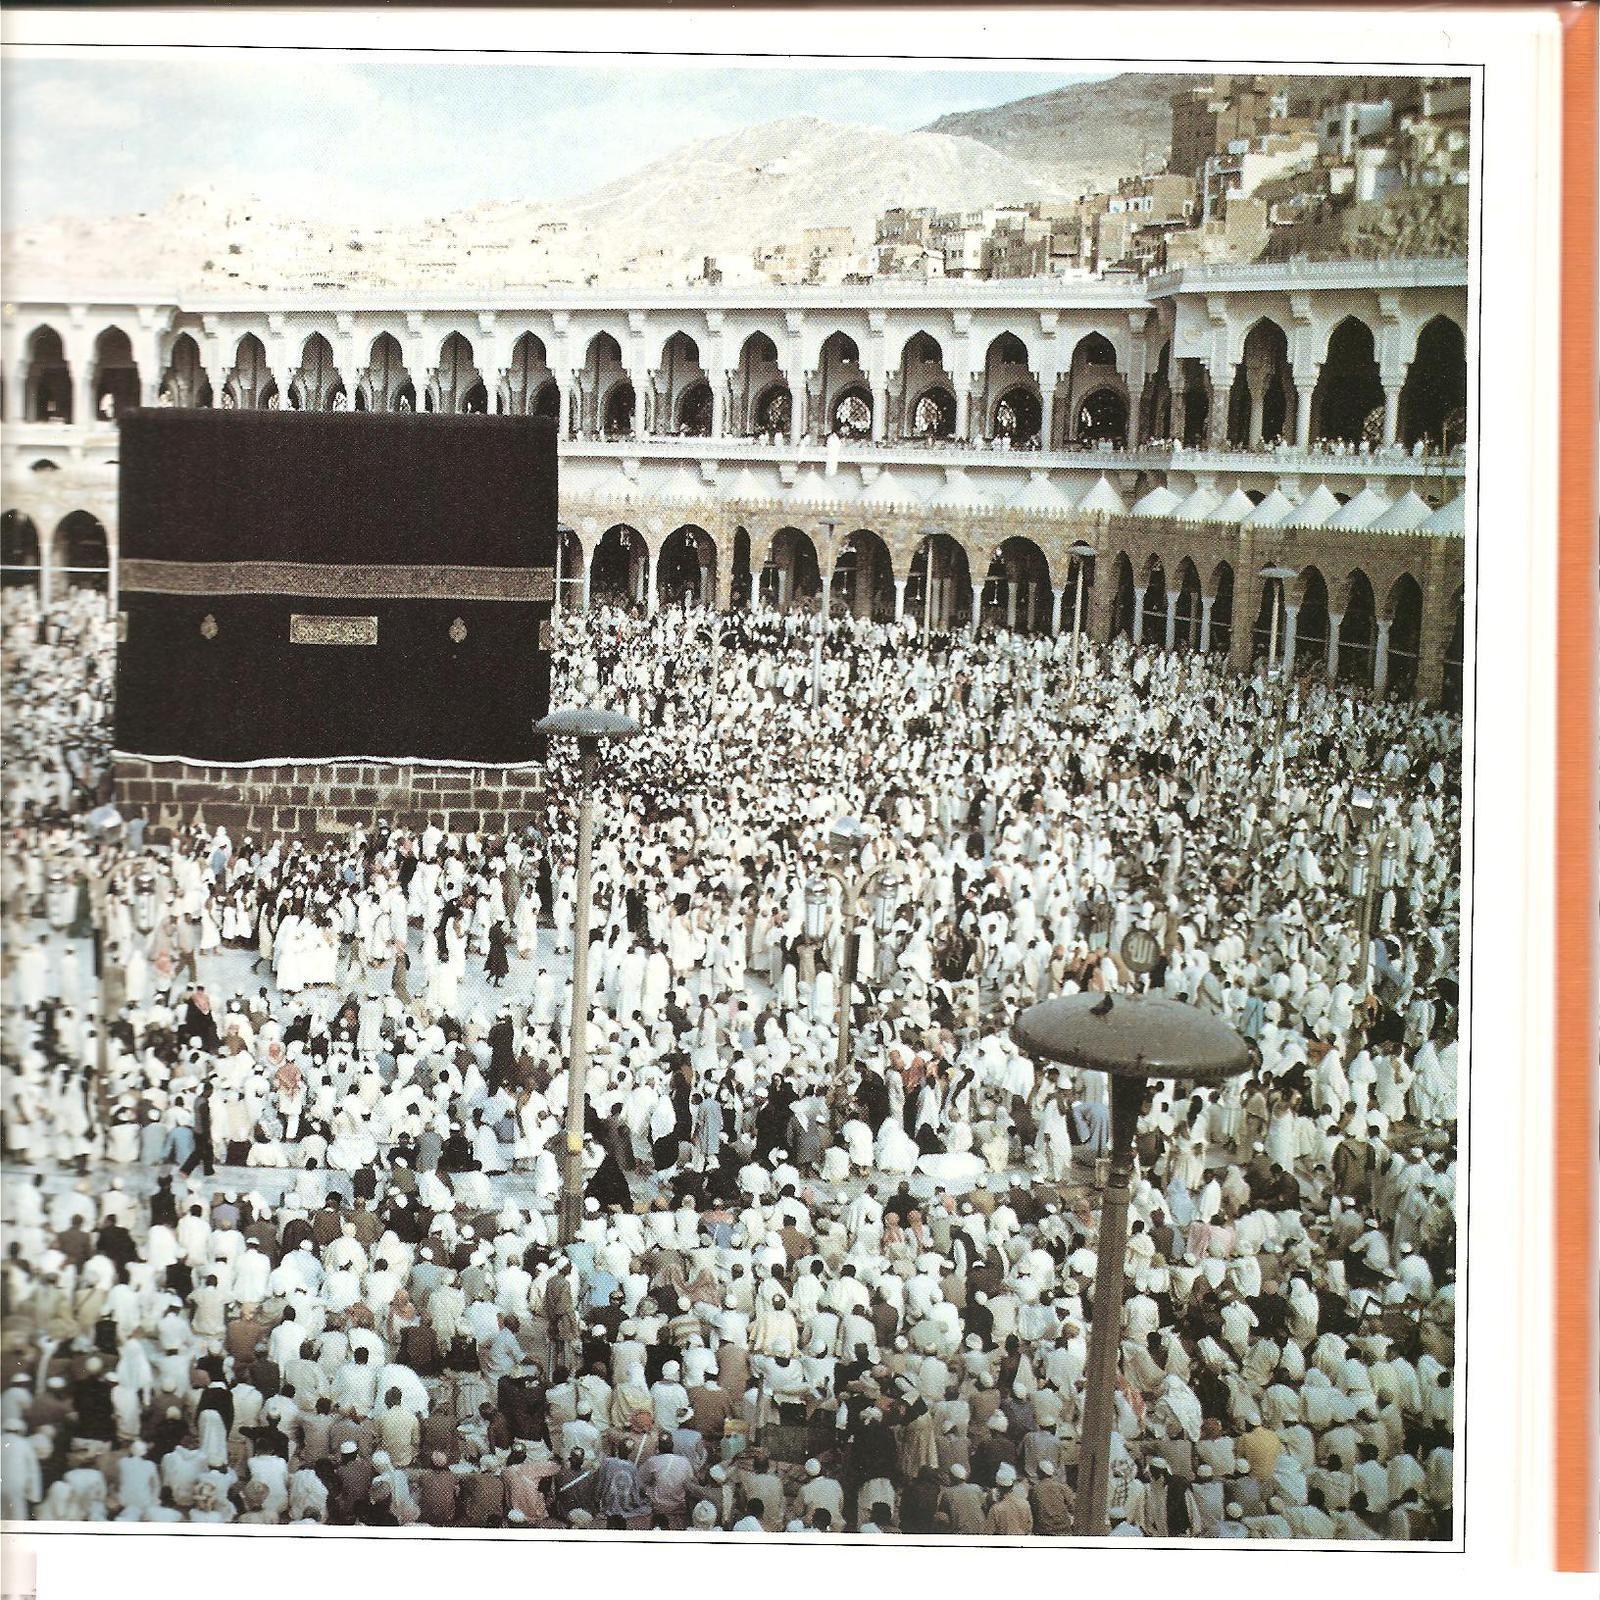 La Kaaba un jour de pèlerinage, photo publiée sur un document Larousse de mai 1983